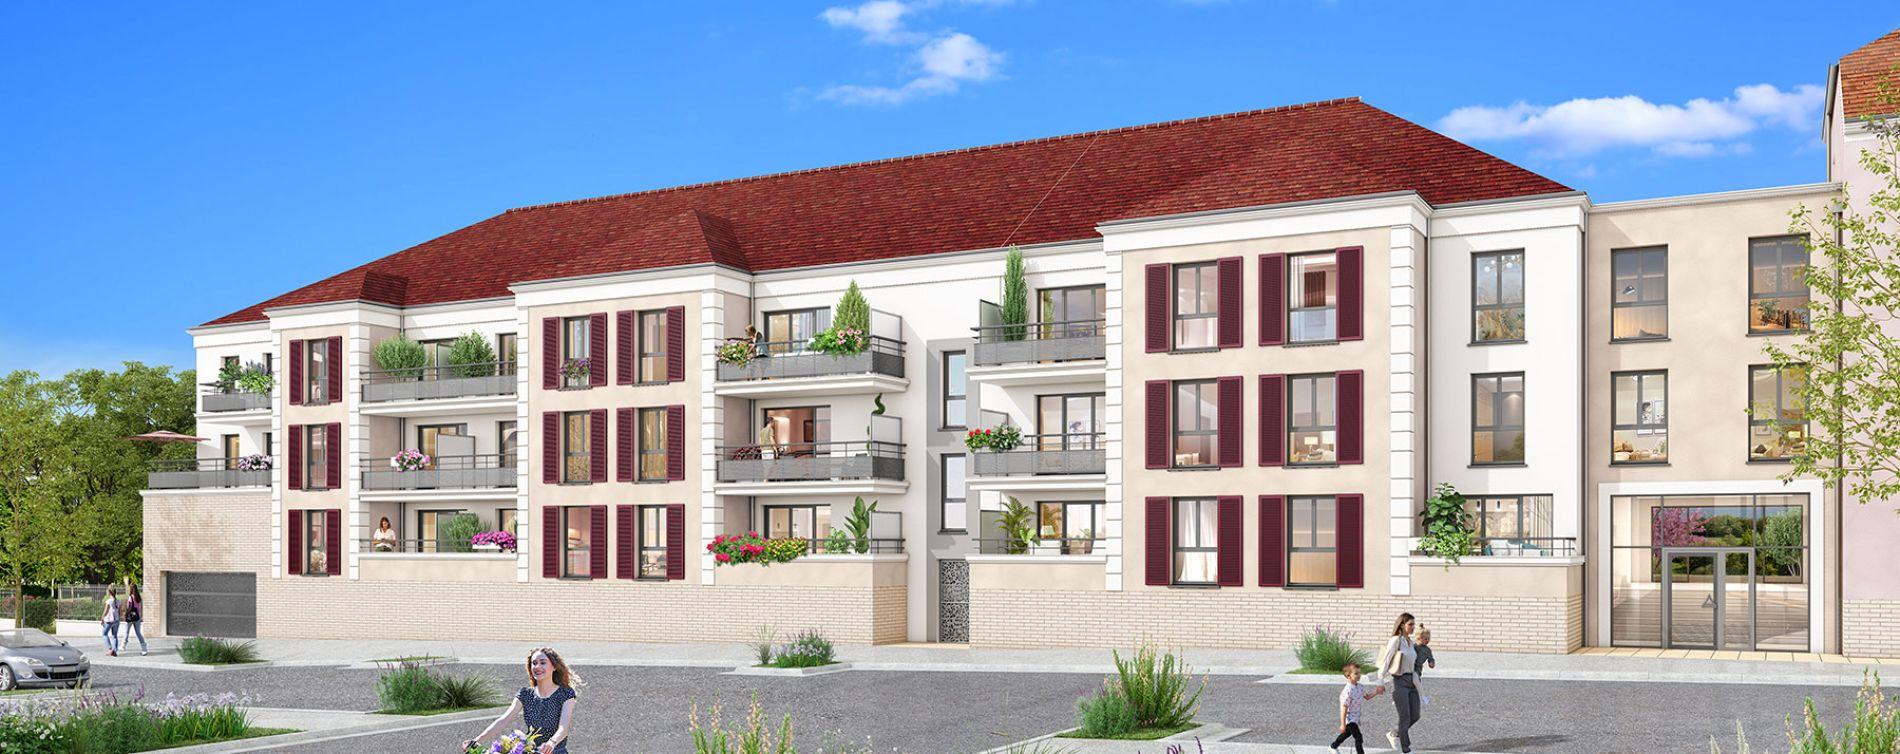 Cormeilles-en-Parisis : programme immobilier neuve « L'ultime » (2)